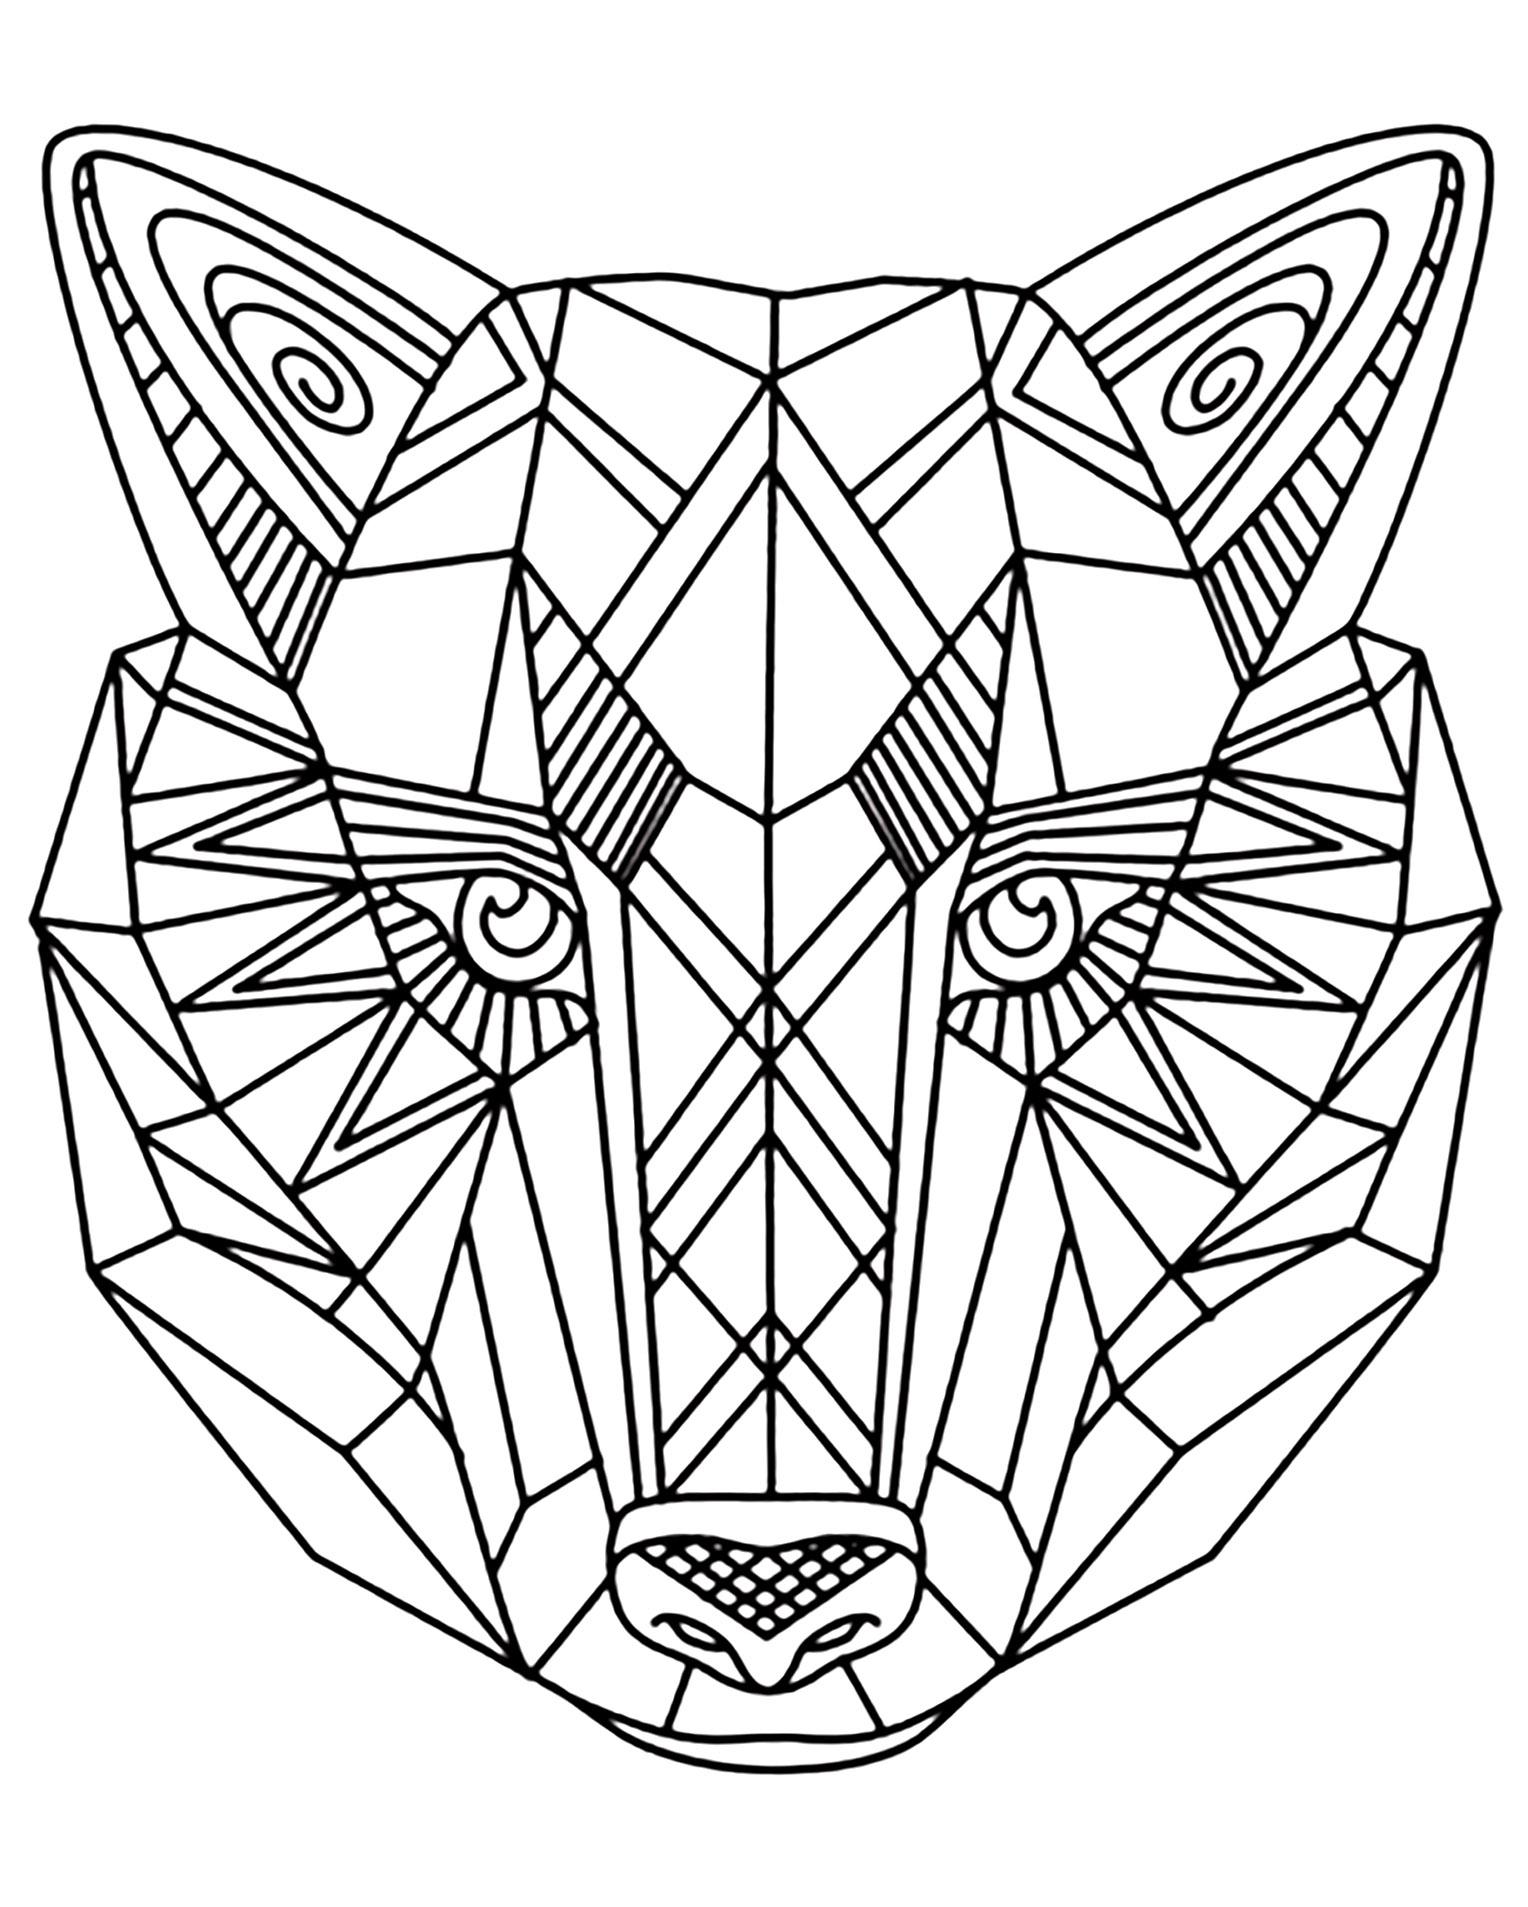 Loup 1 Loups Coloriages Difficiles Pour Adultes